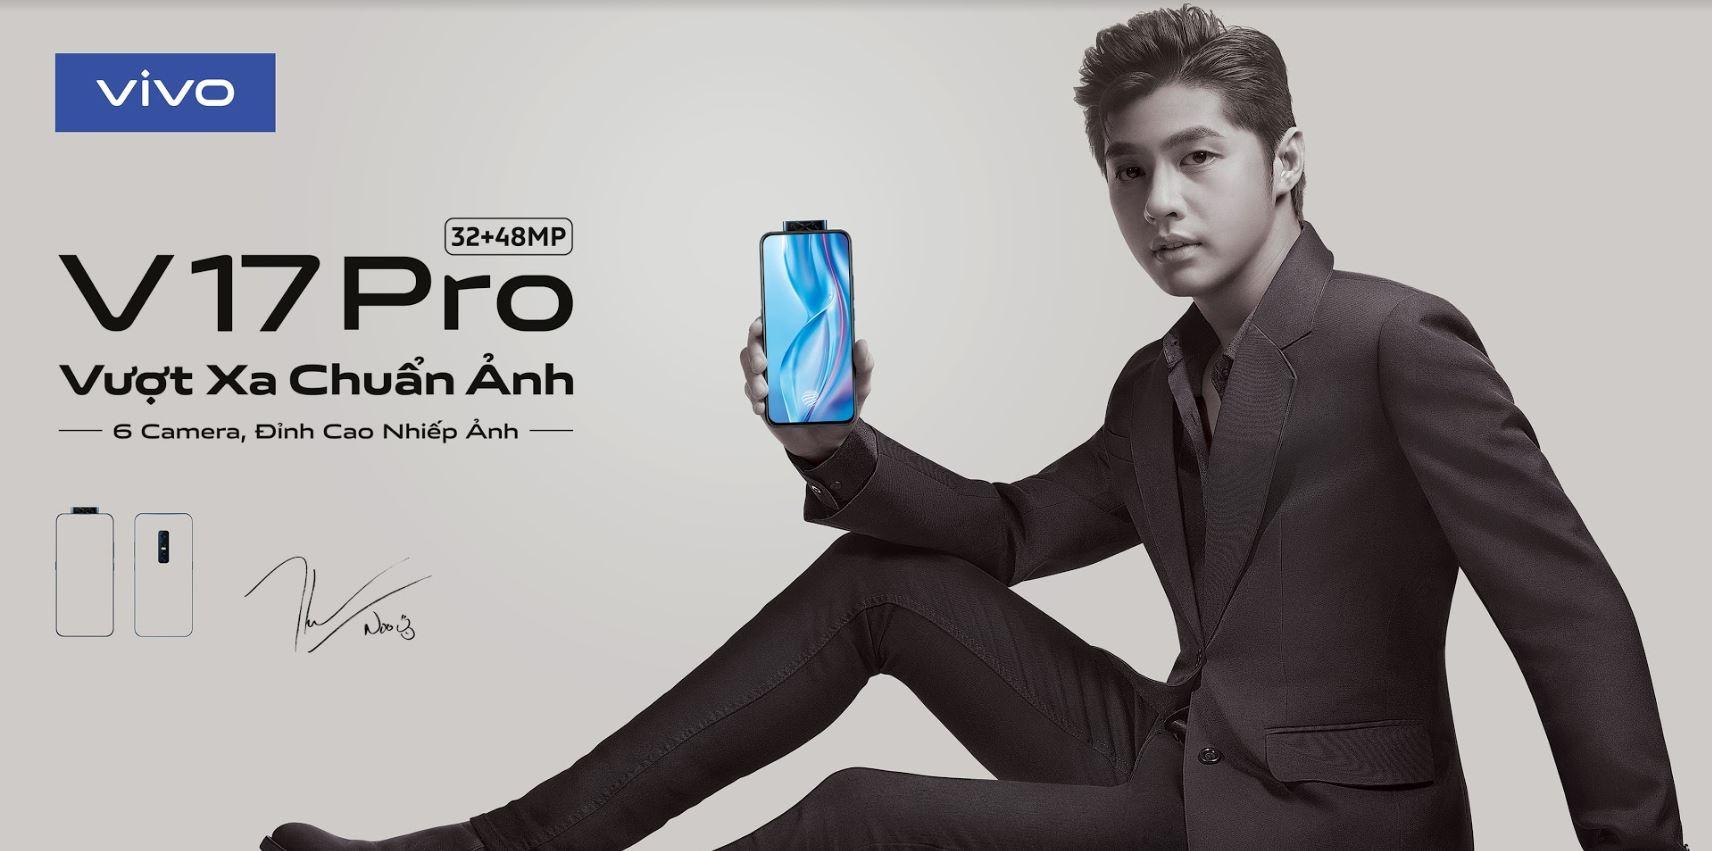 Vivo sẽ ra mắt sản phẩm vivo V17 Pro vào 04/10, Noo Phước Thịnh trở thành đại sứ thương hiệu